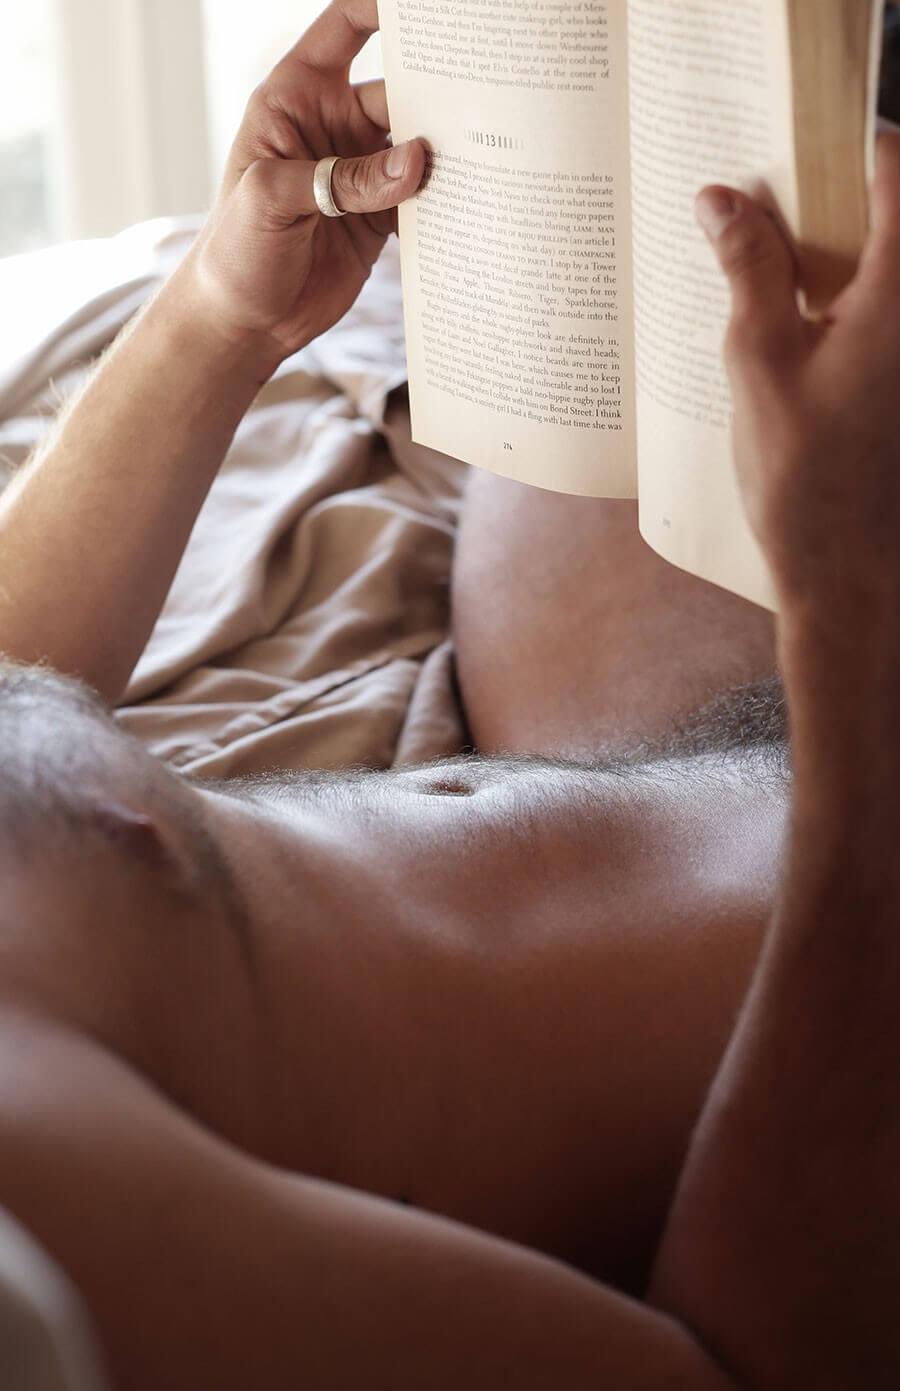 uomini_nudi_leggono_libri_a_letto_luke_austin